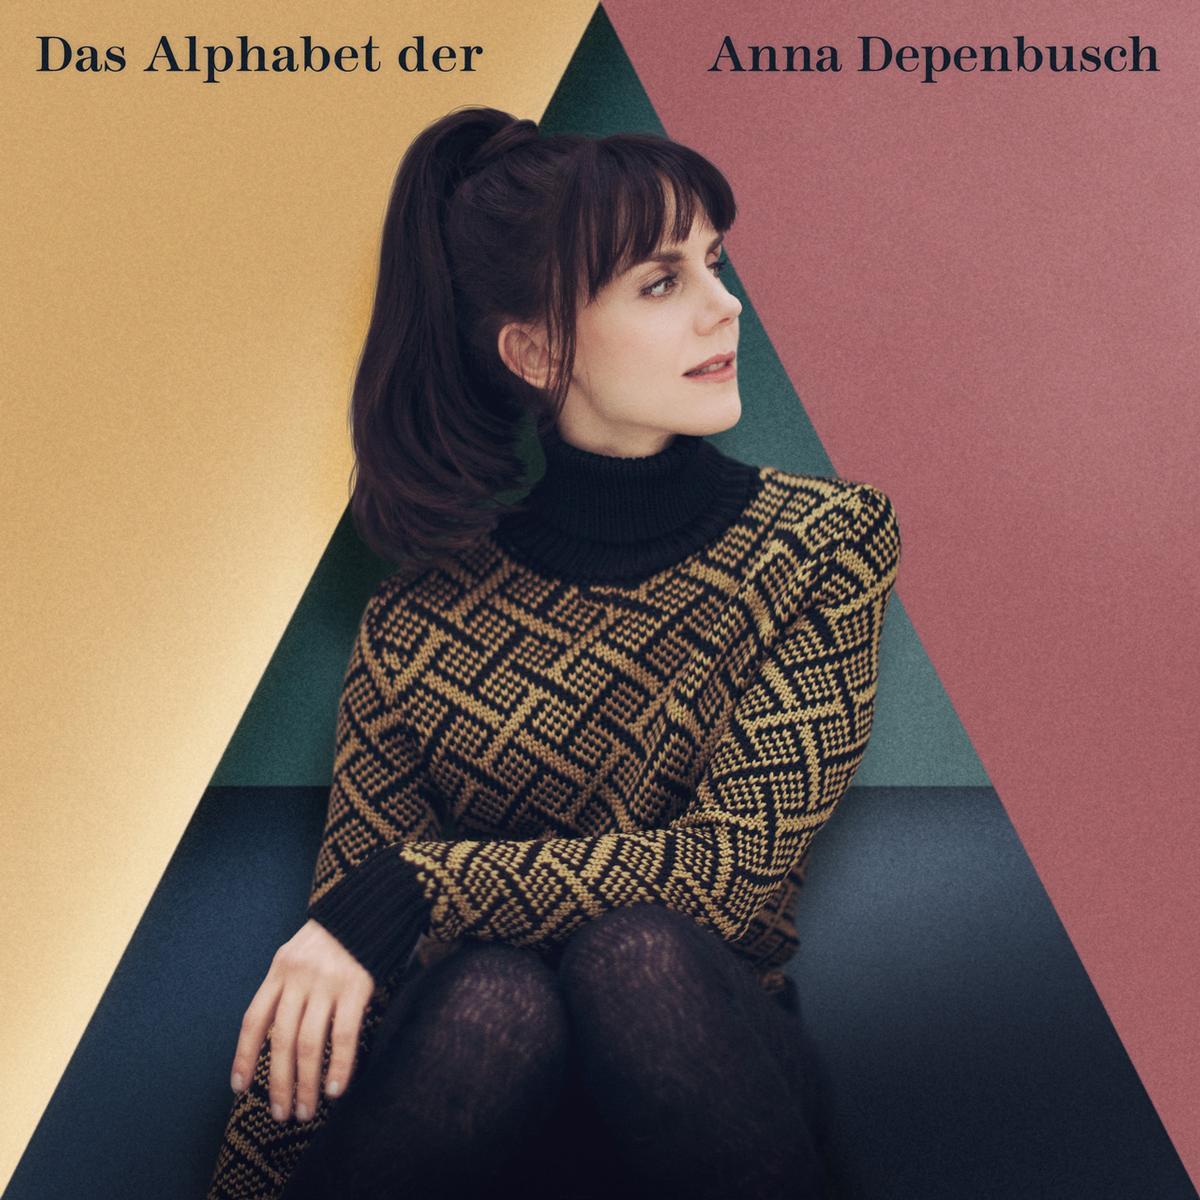 Anna Depenbusch - Das Alphabet der Anna Depenbusch